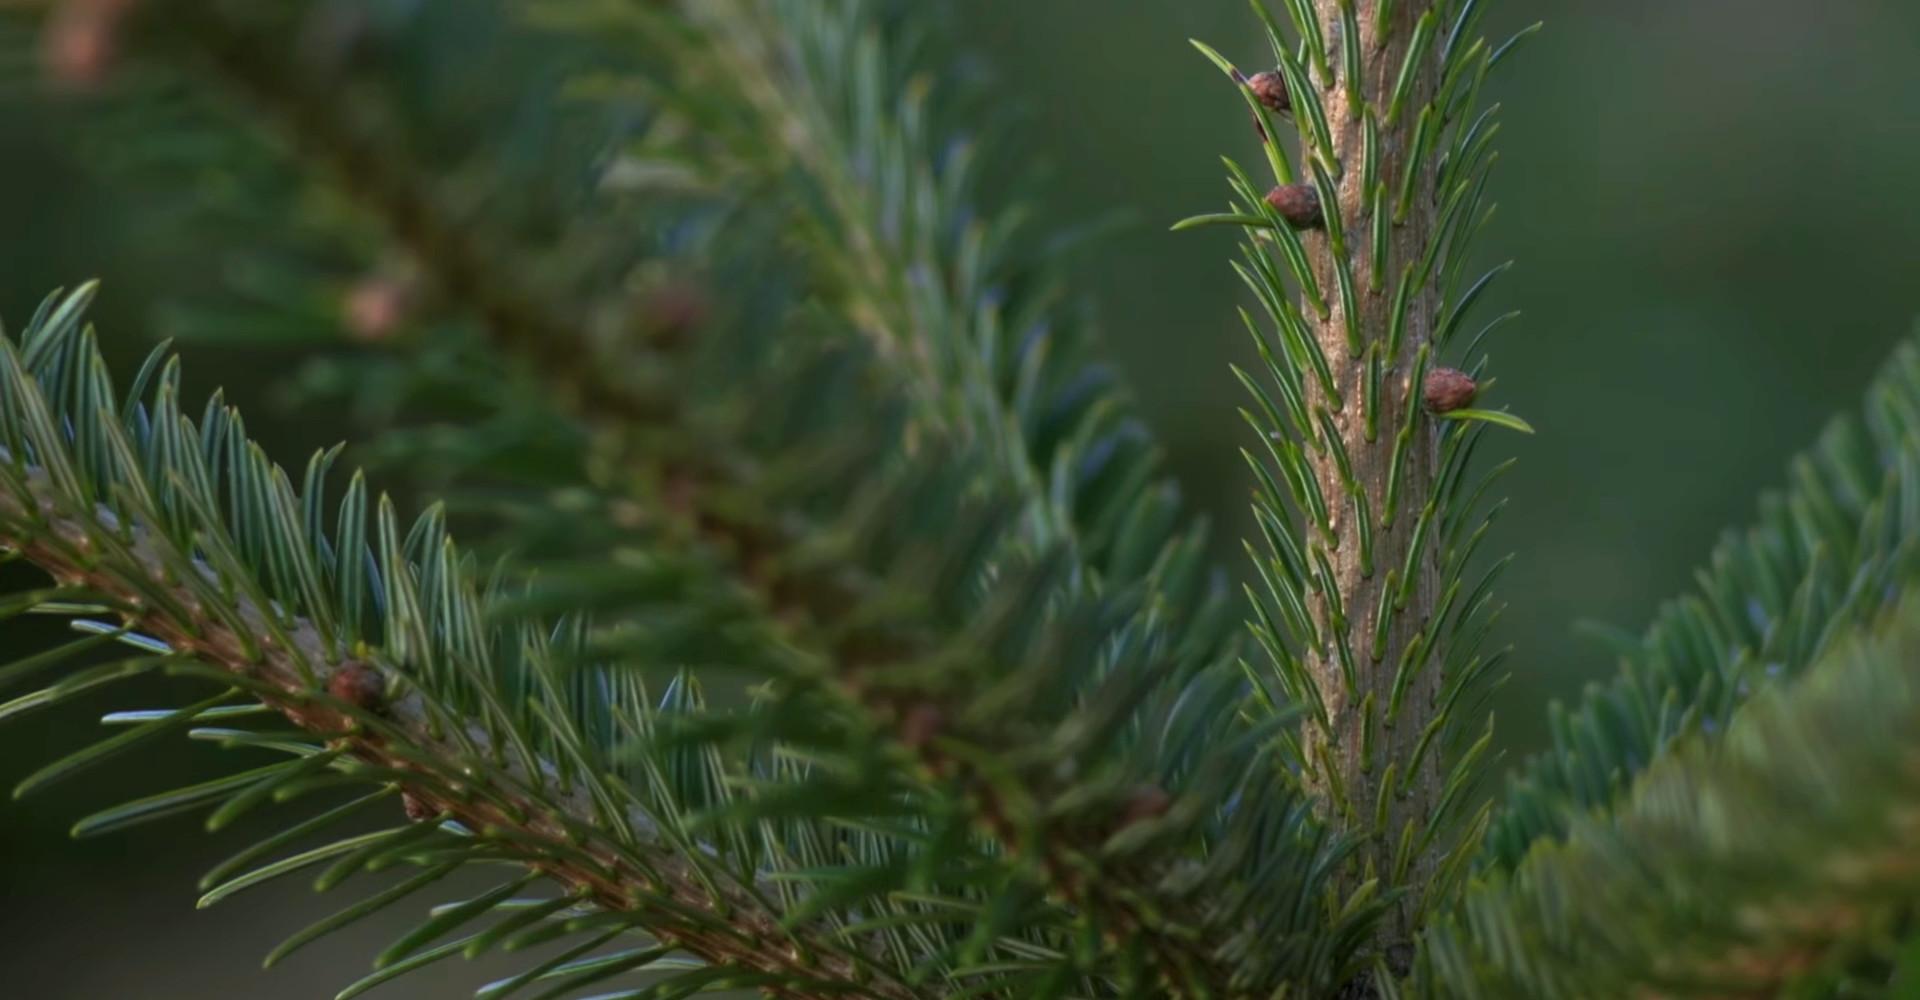 De mooiste Nordmann Excellent kerstbomen in Leimuiden vanaf € 15,-